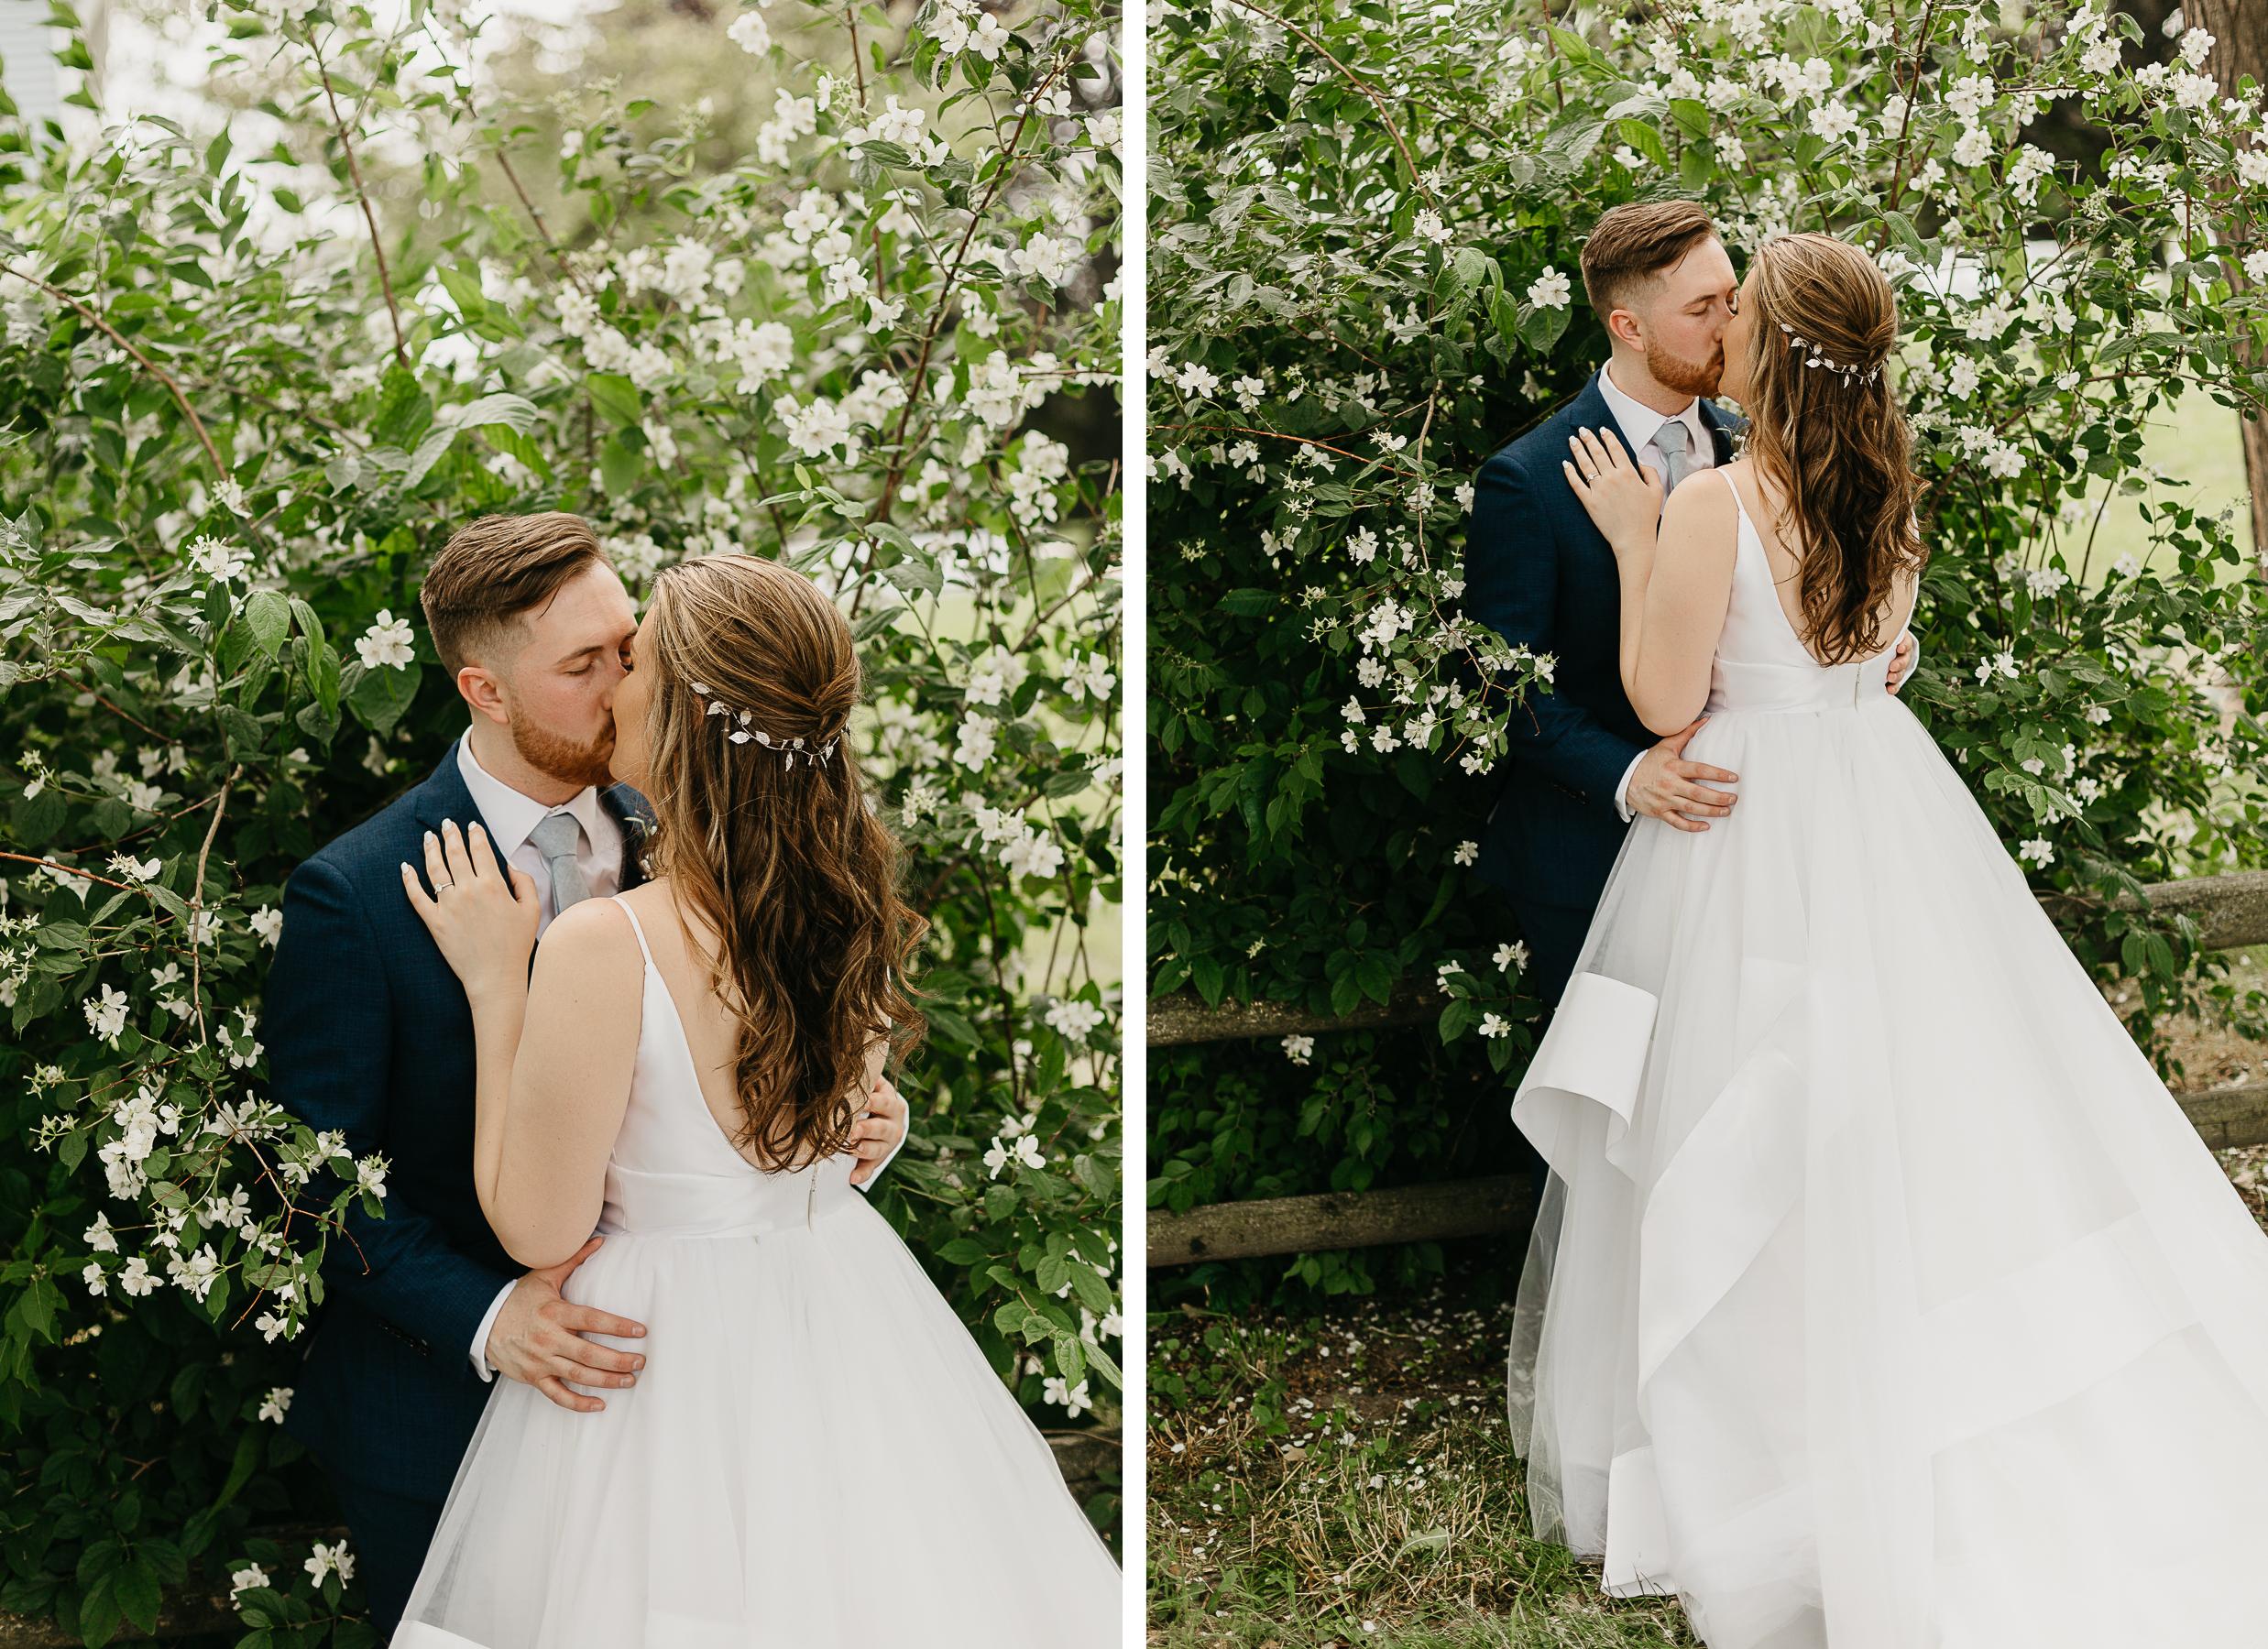 anna szczekutowicz austin wedding photographer-6.jpg